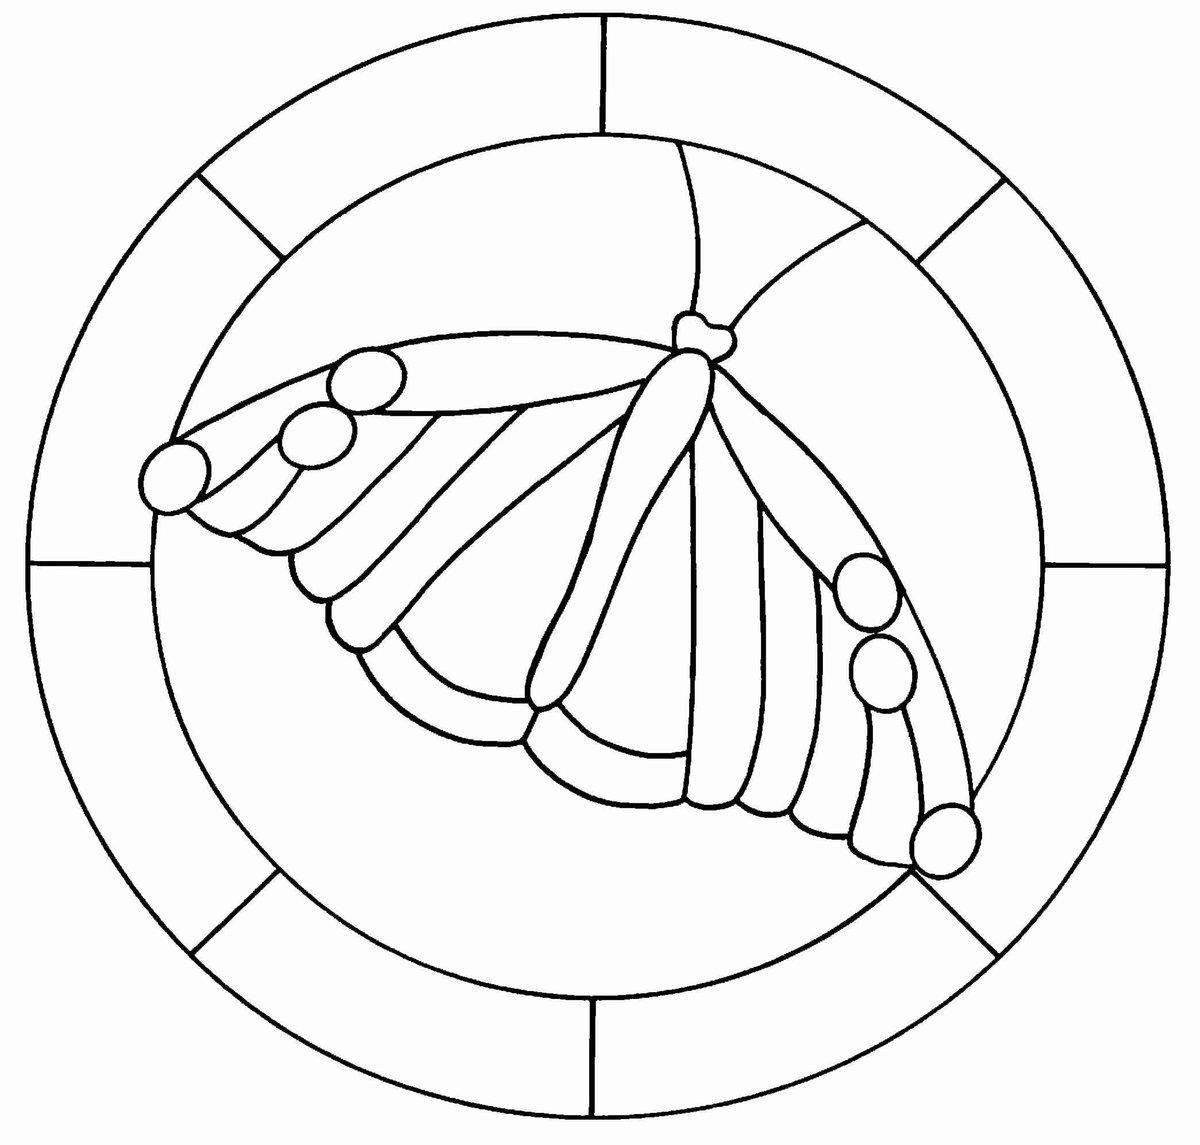 шаблоны картинок для раскрашивания пано вам